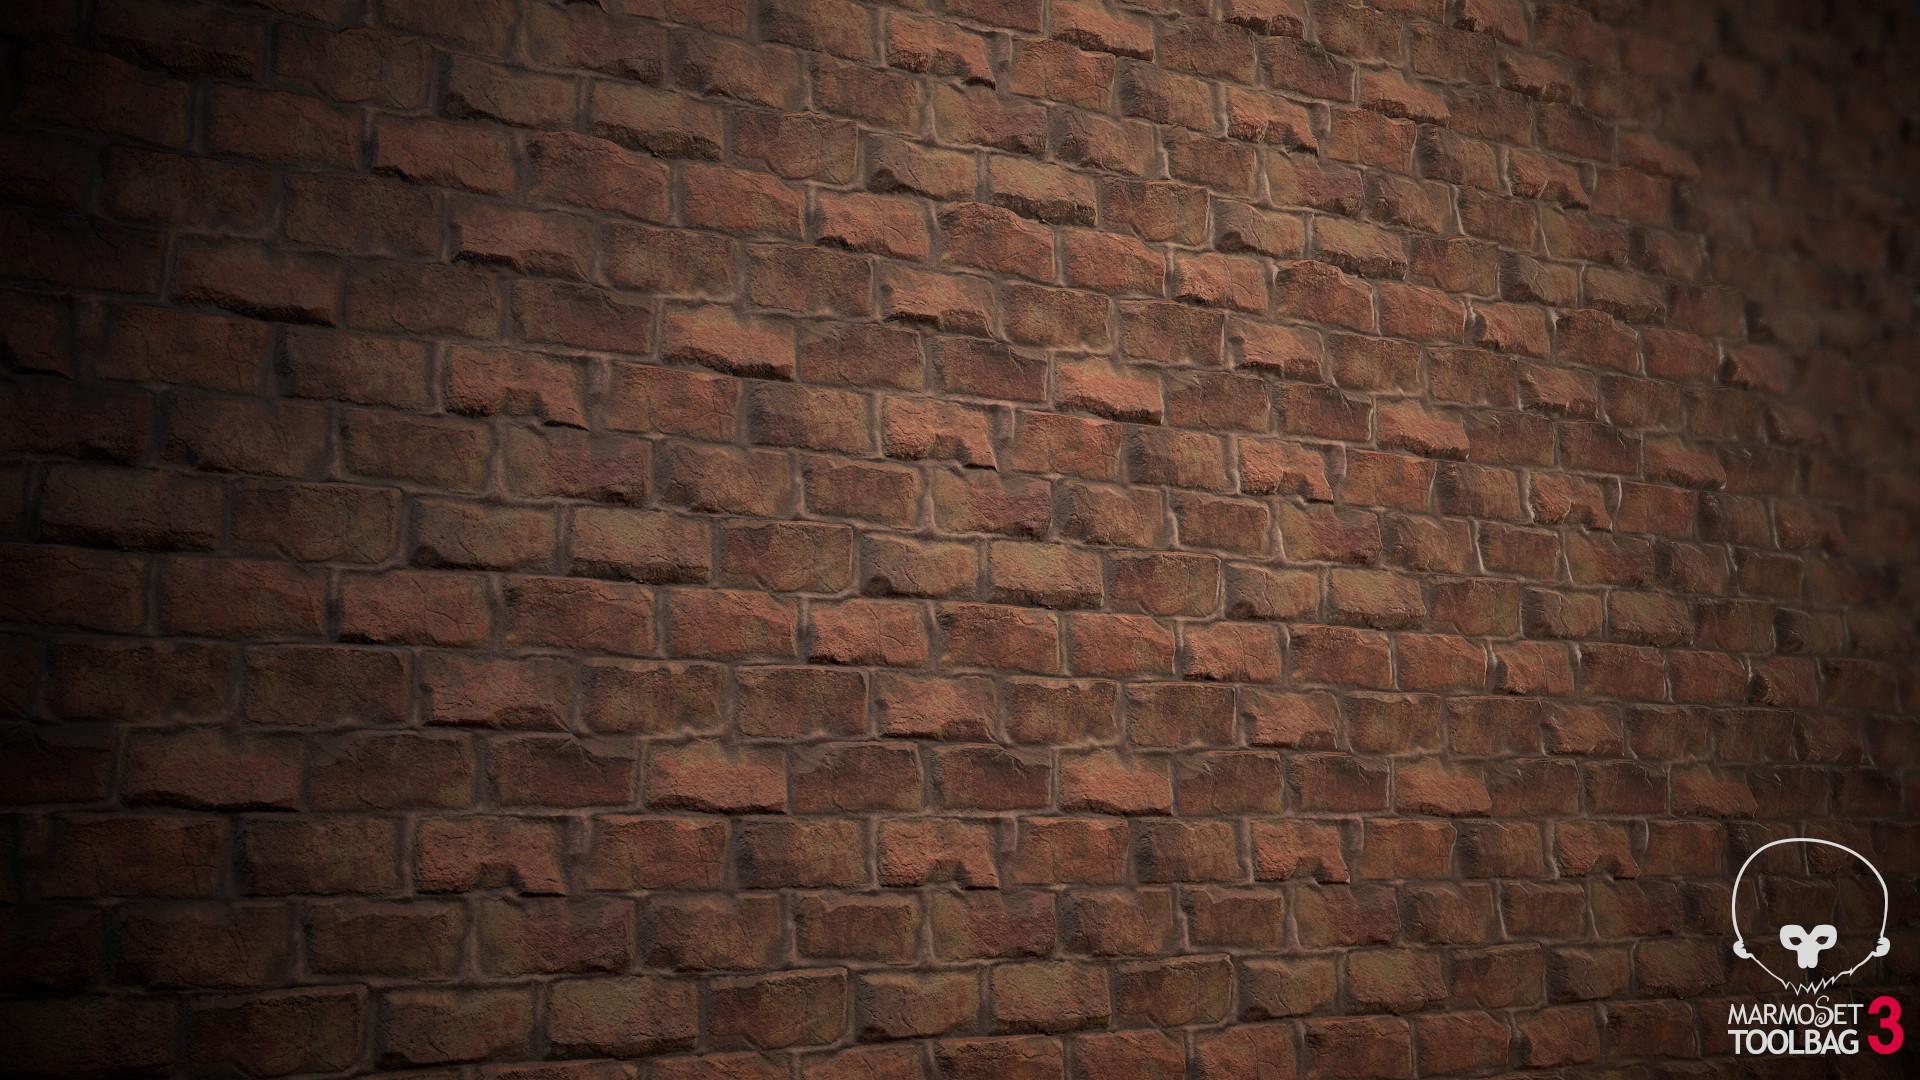 Gokhan galex ilhan brick plane 01